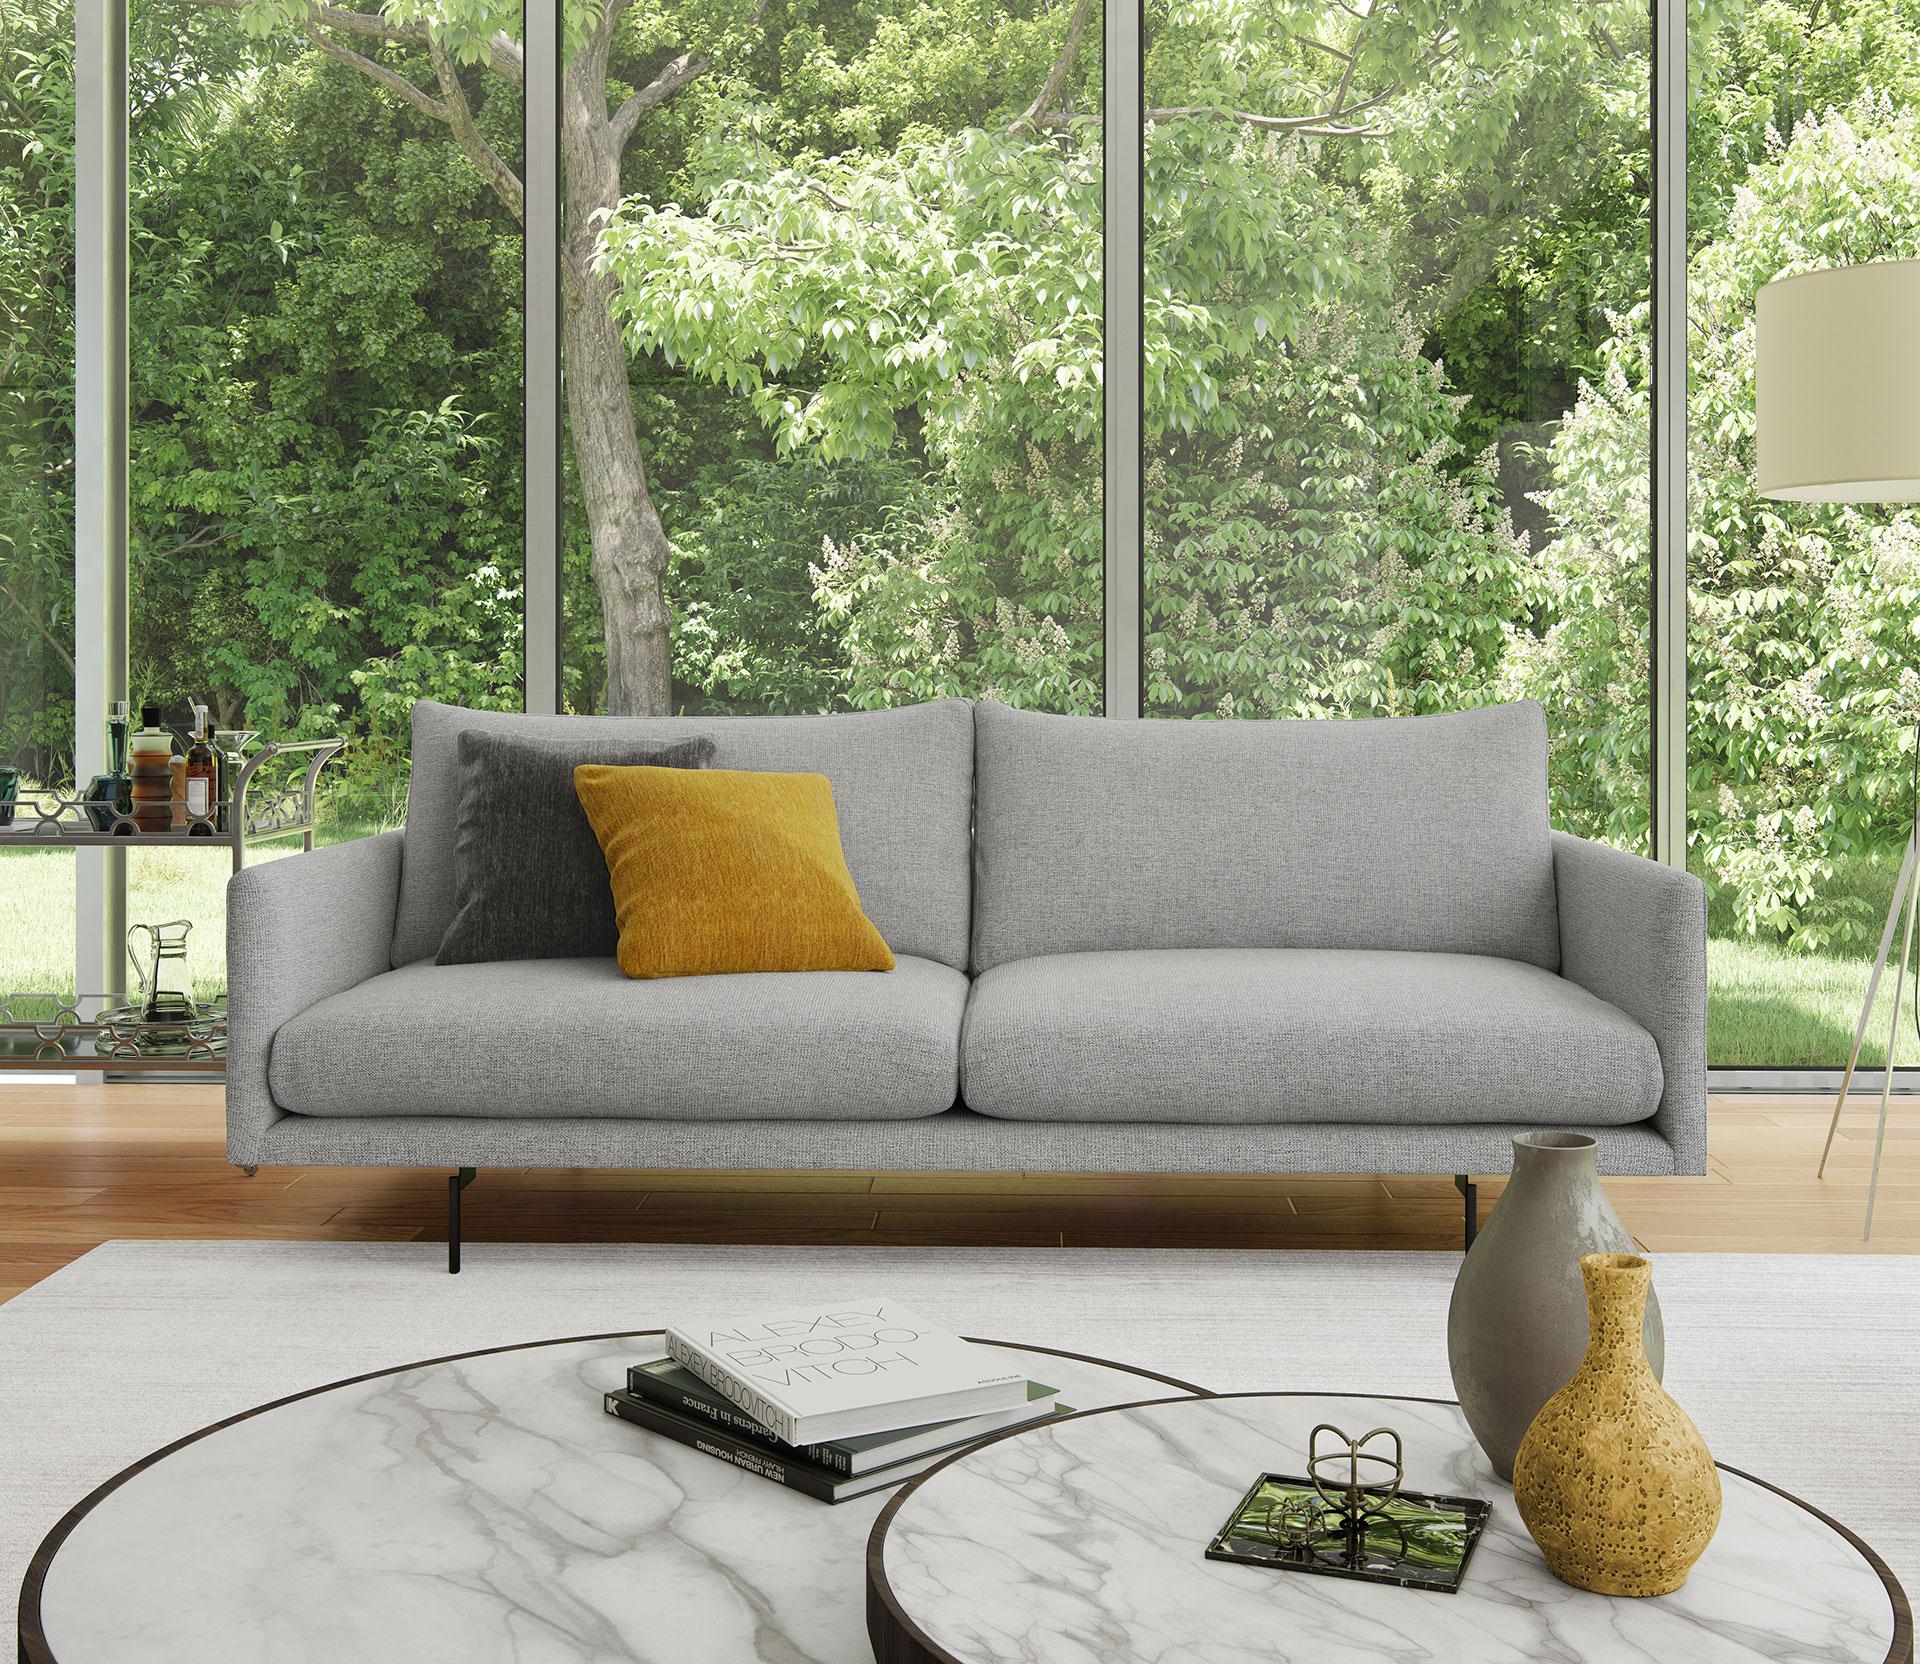 Modloft Houston Sofa Within Houston Sectional Sofas (View 1 of 15)